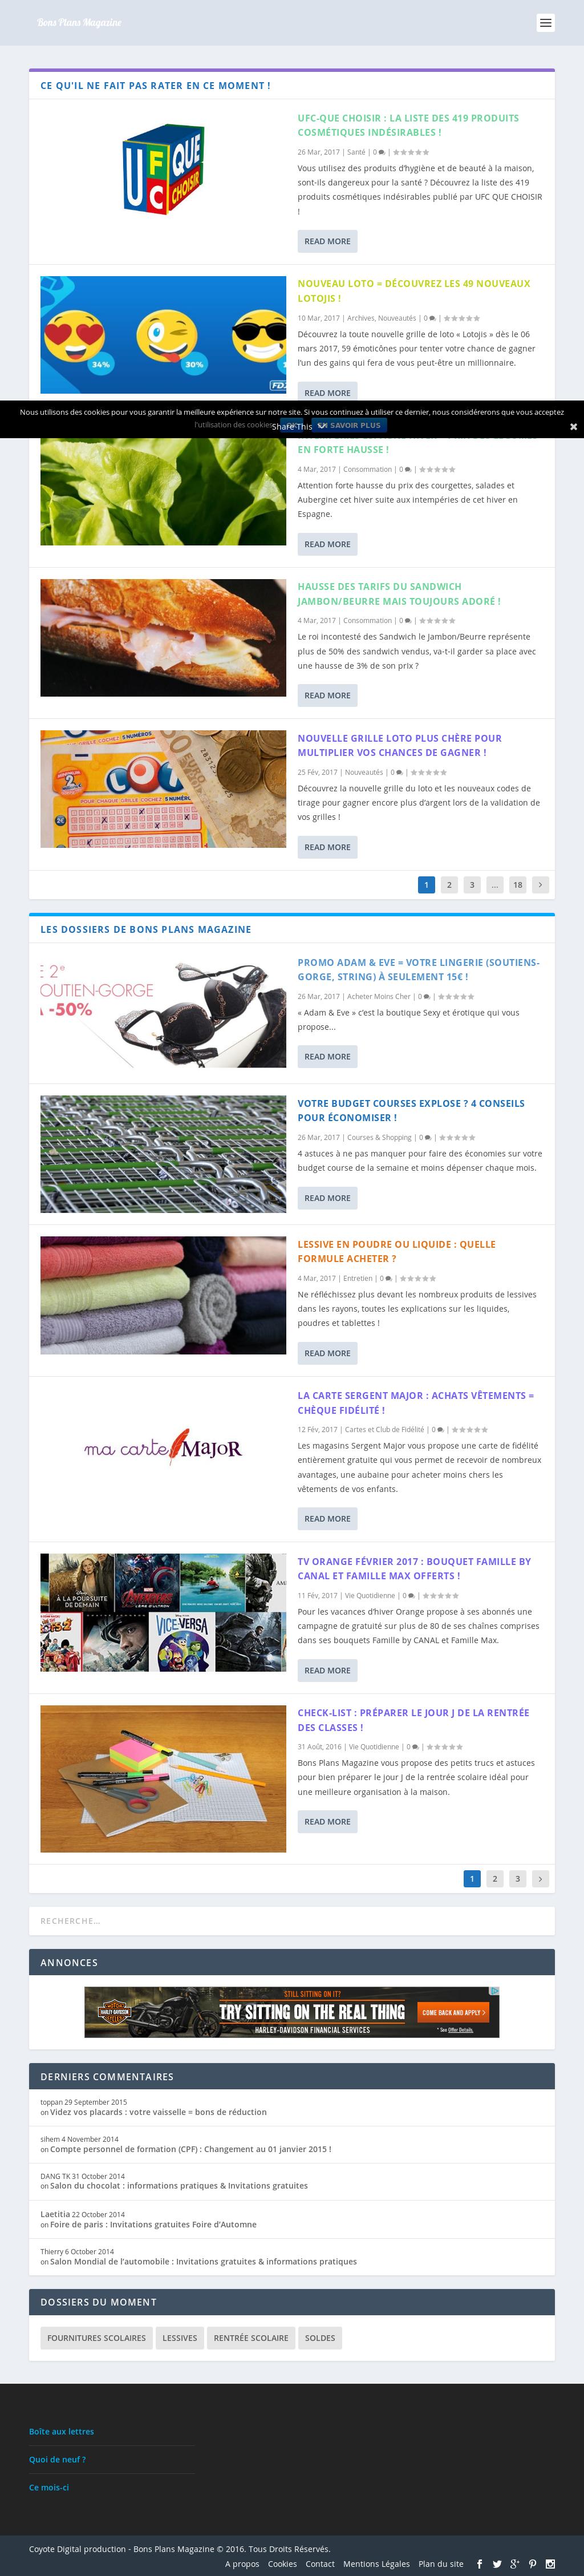 Astuces Pour Faire Des Économies Sur Les Courses bons plans magazine competitors, revenue and employees